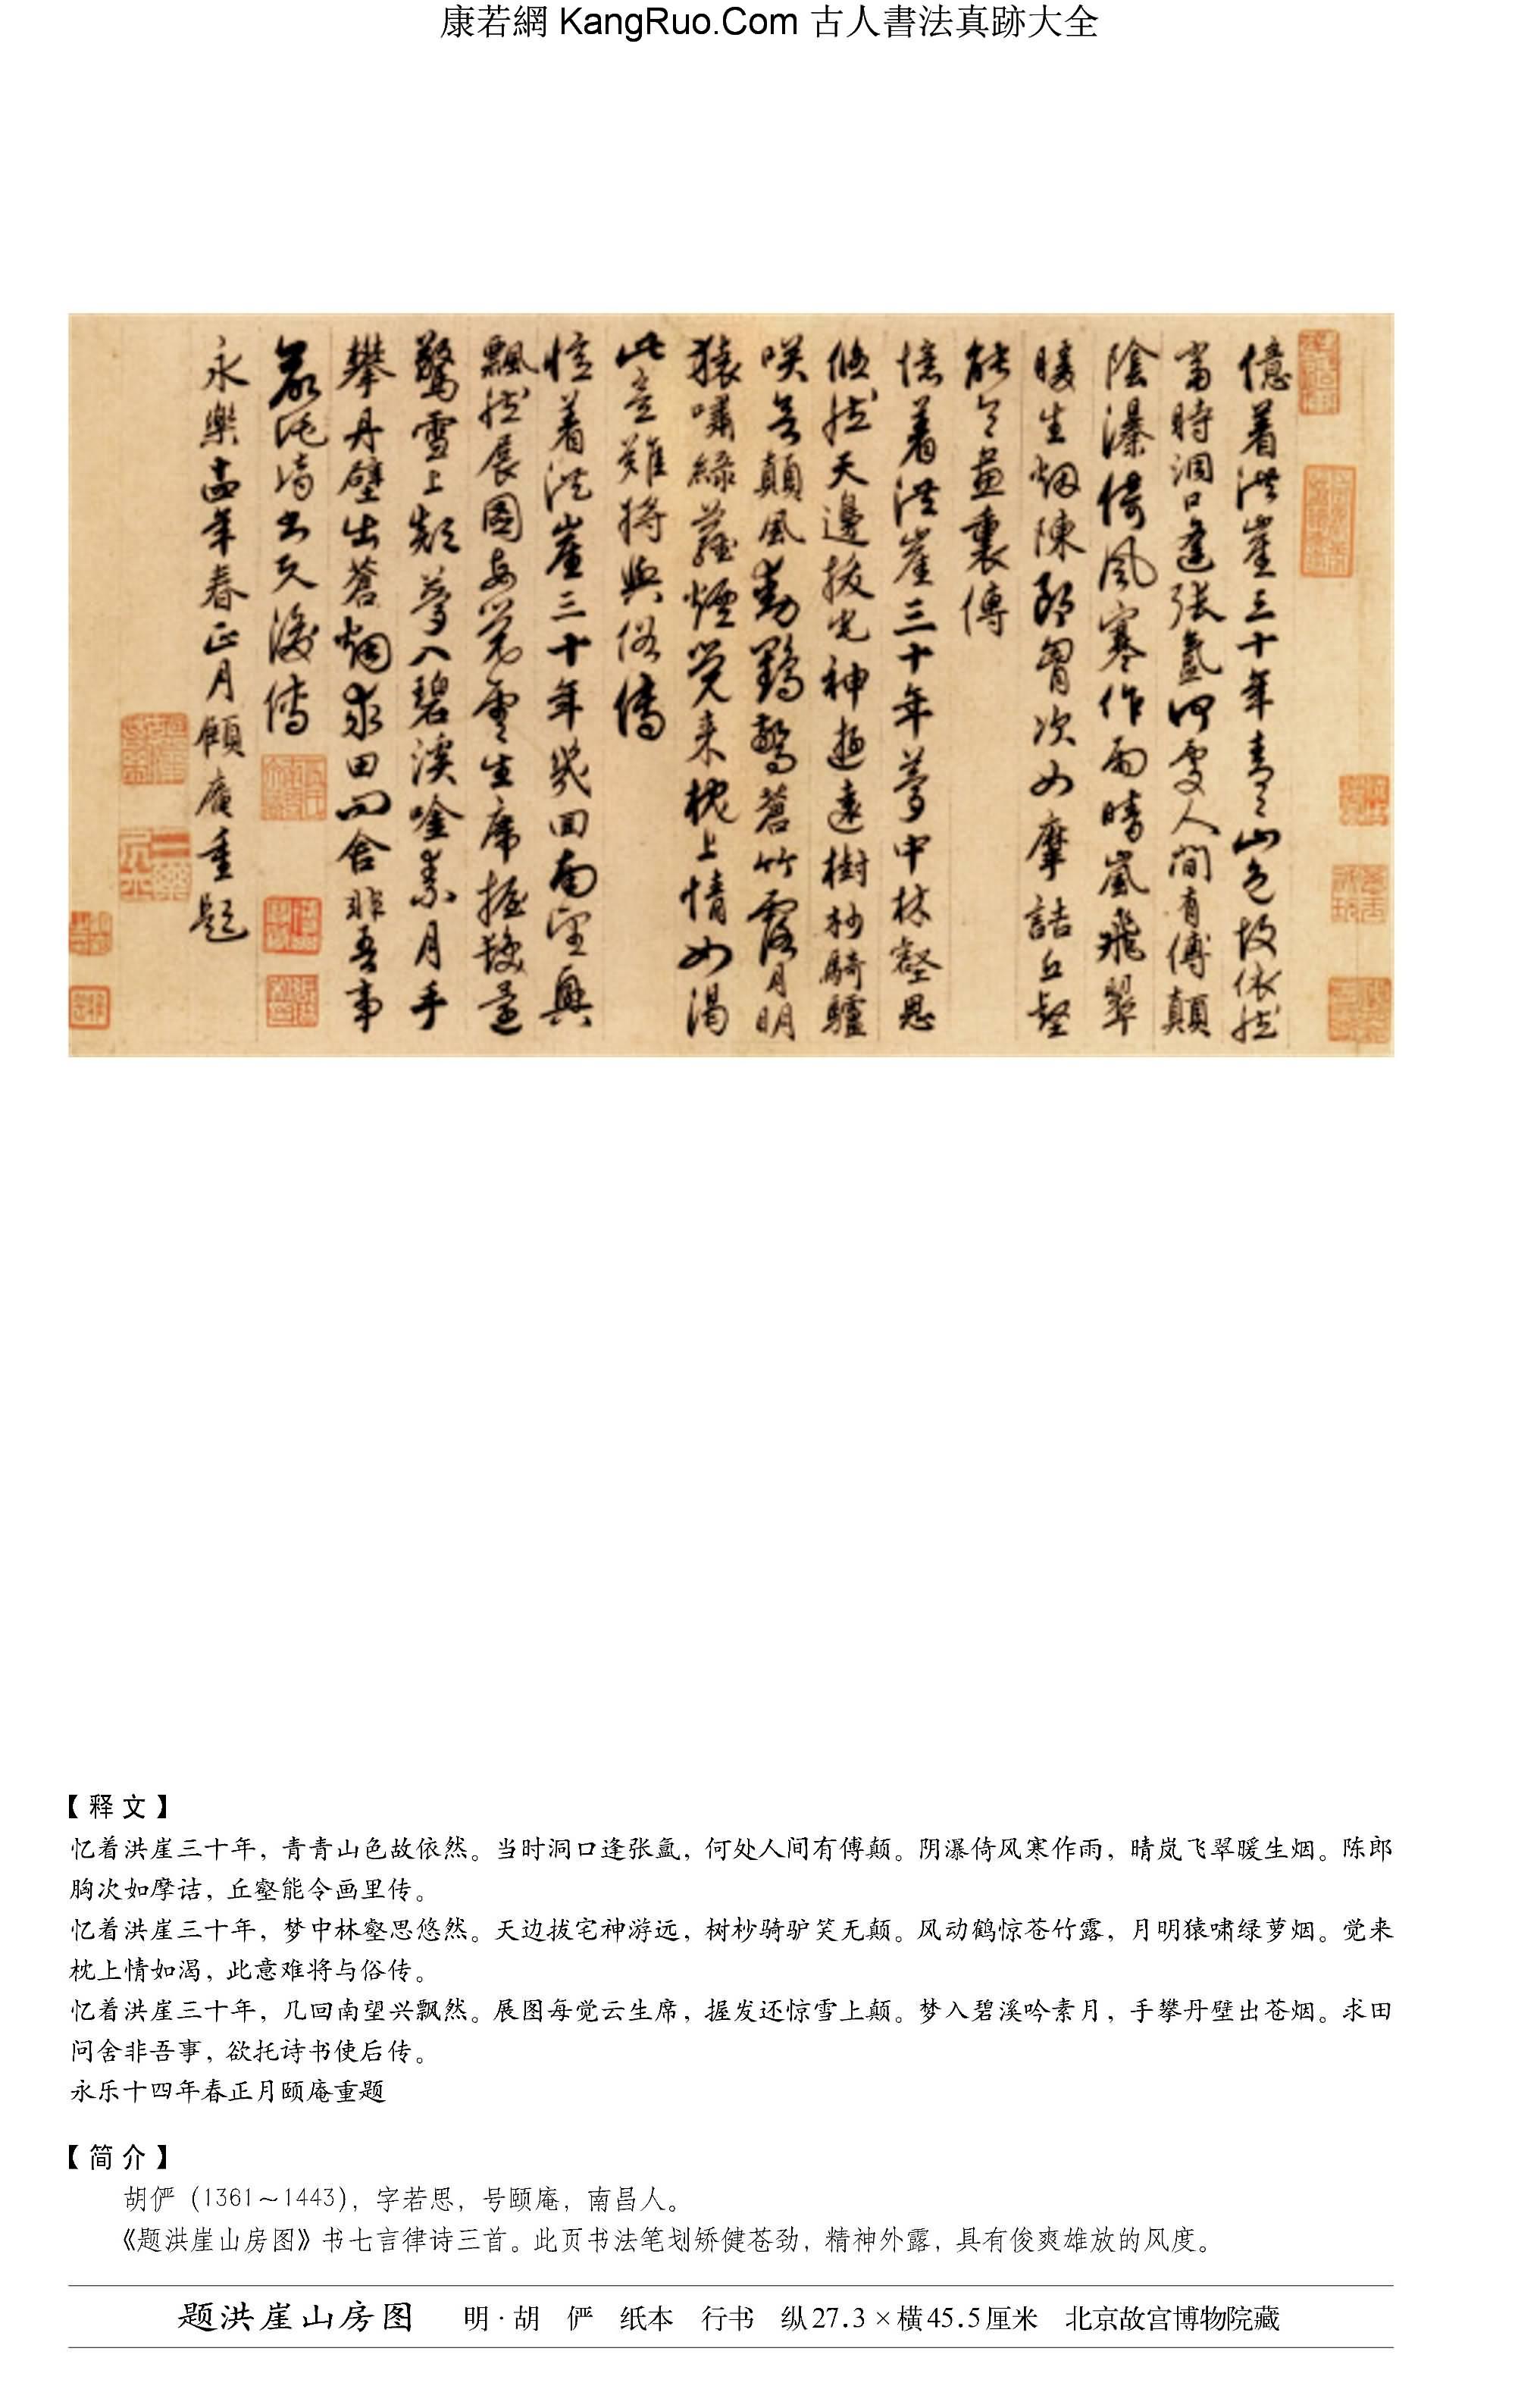 《題洪崖山房圖》書法真跡(行書)【明朝·胡便】_00170